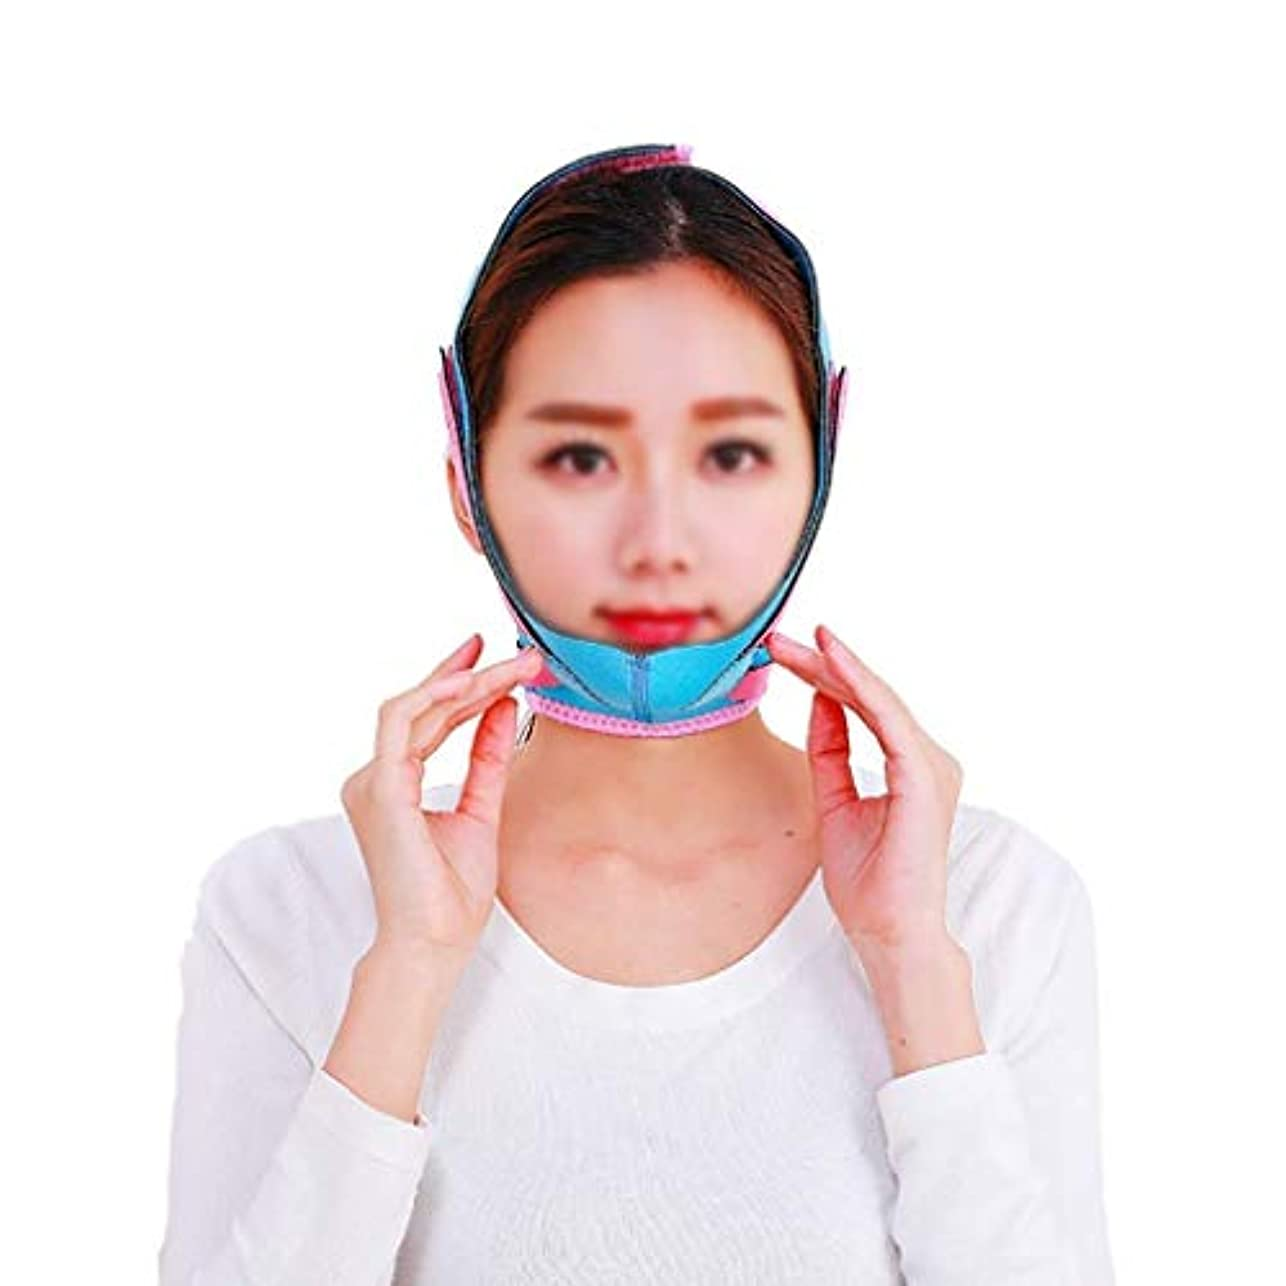 クッションフラスコ確かめる顔と首のリフト、男性と女性のフェイスリフトアーティファクトシュリンクマスクを強化輪郭の救済ドループ筋肉引き締め肌弾性V顔包帯